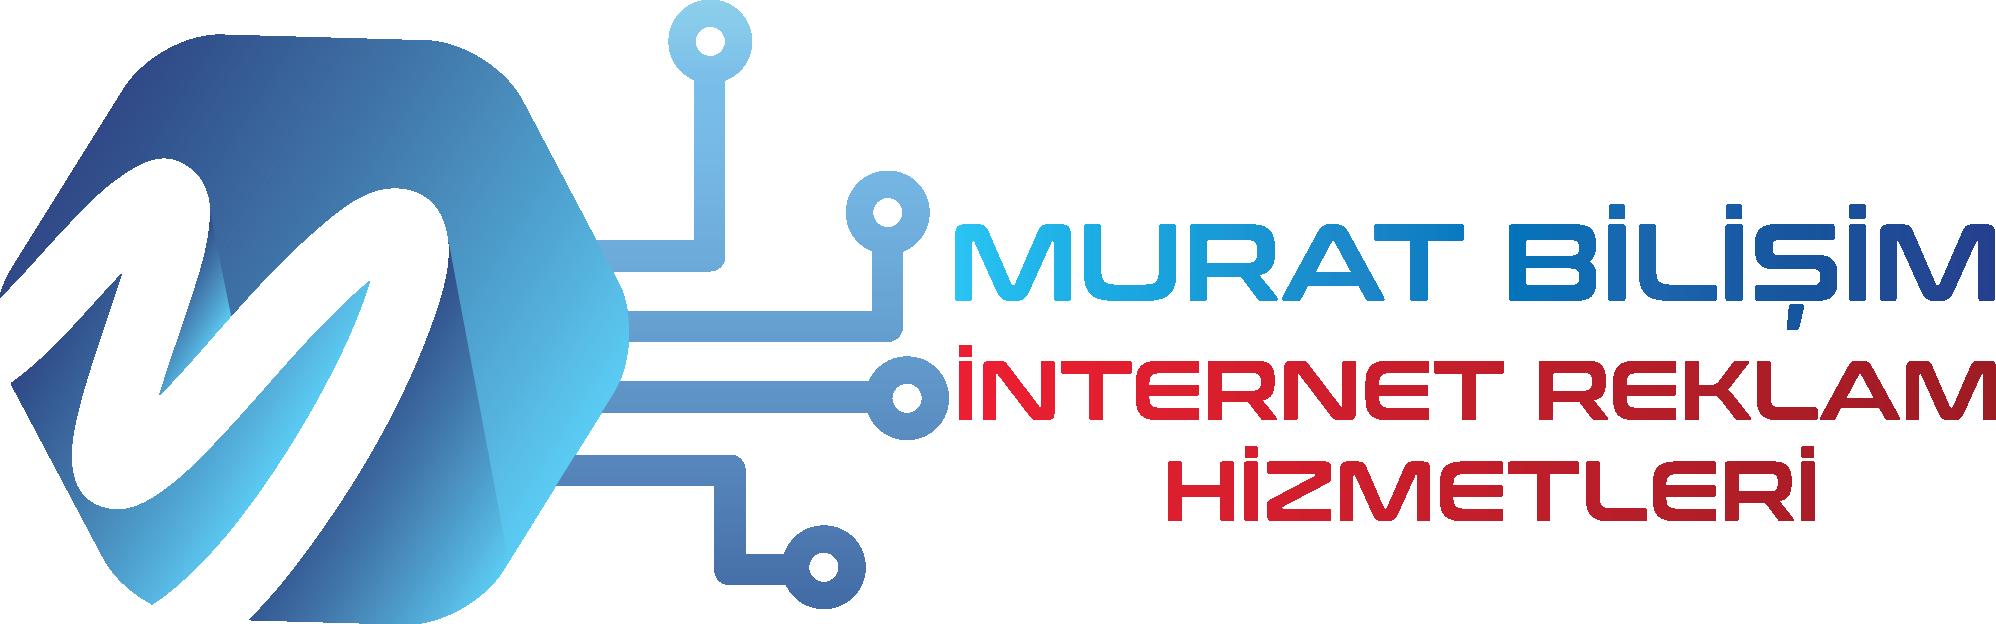 Murat Takmaz Bilişim & Tasarım Hizmetleri